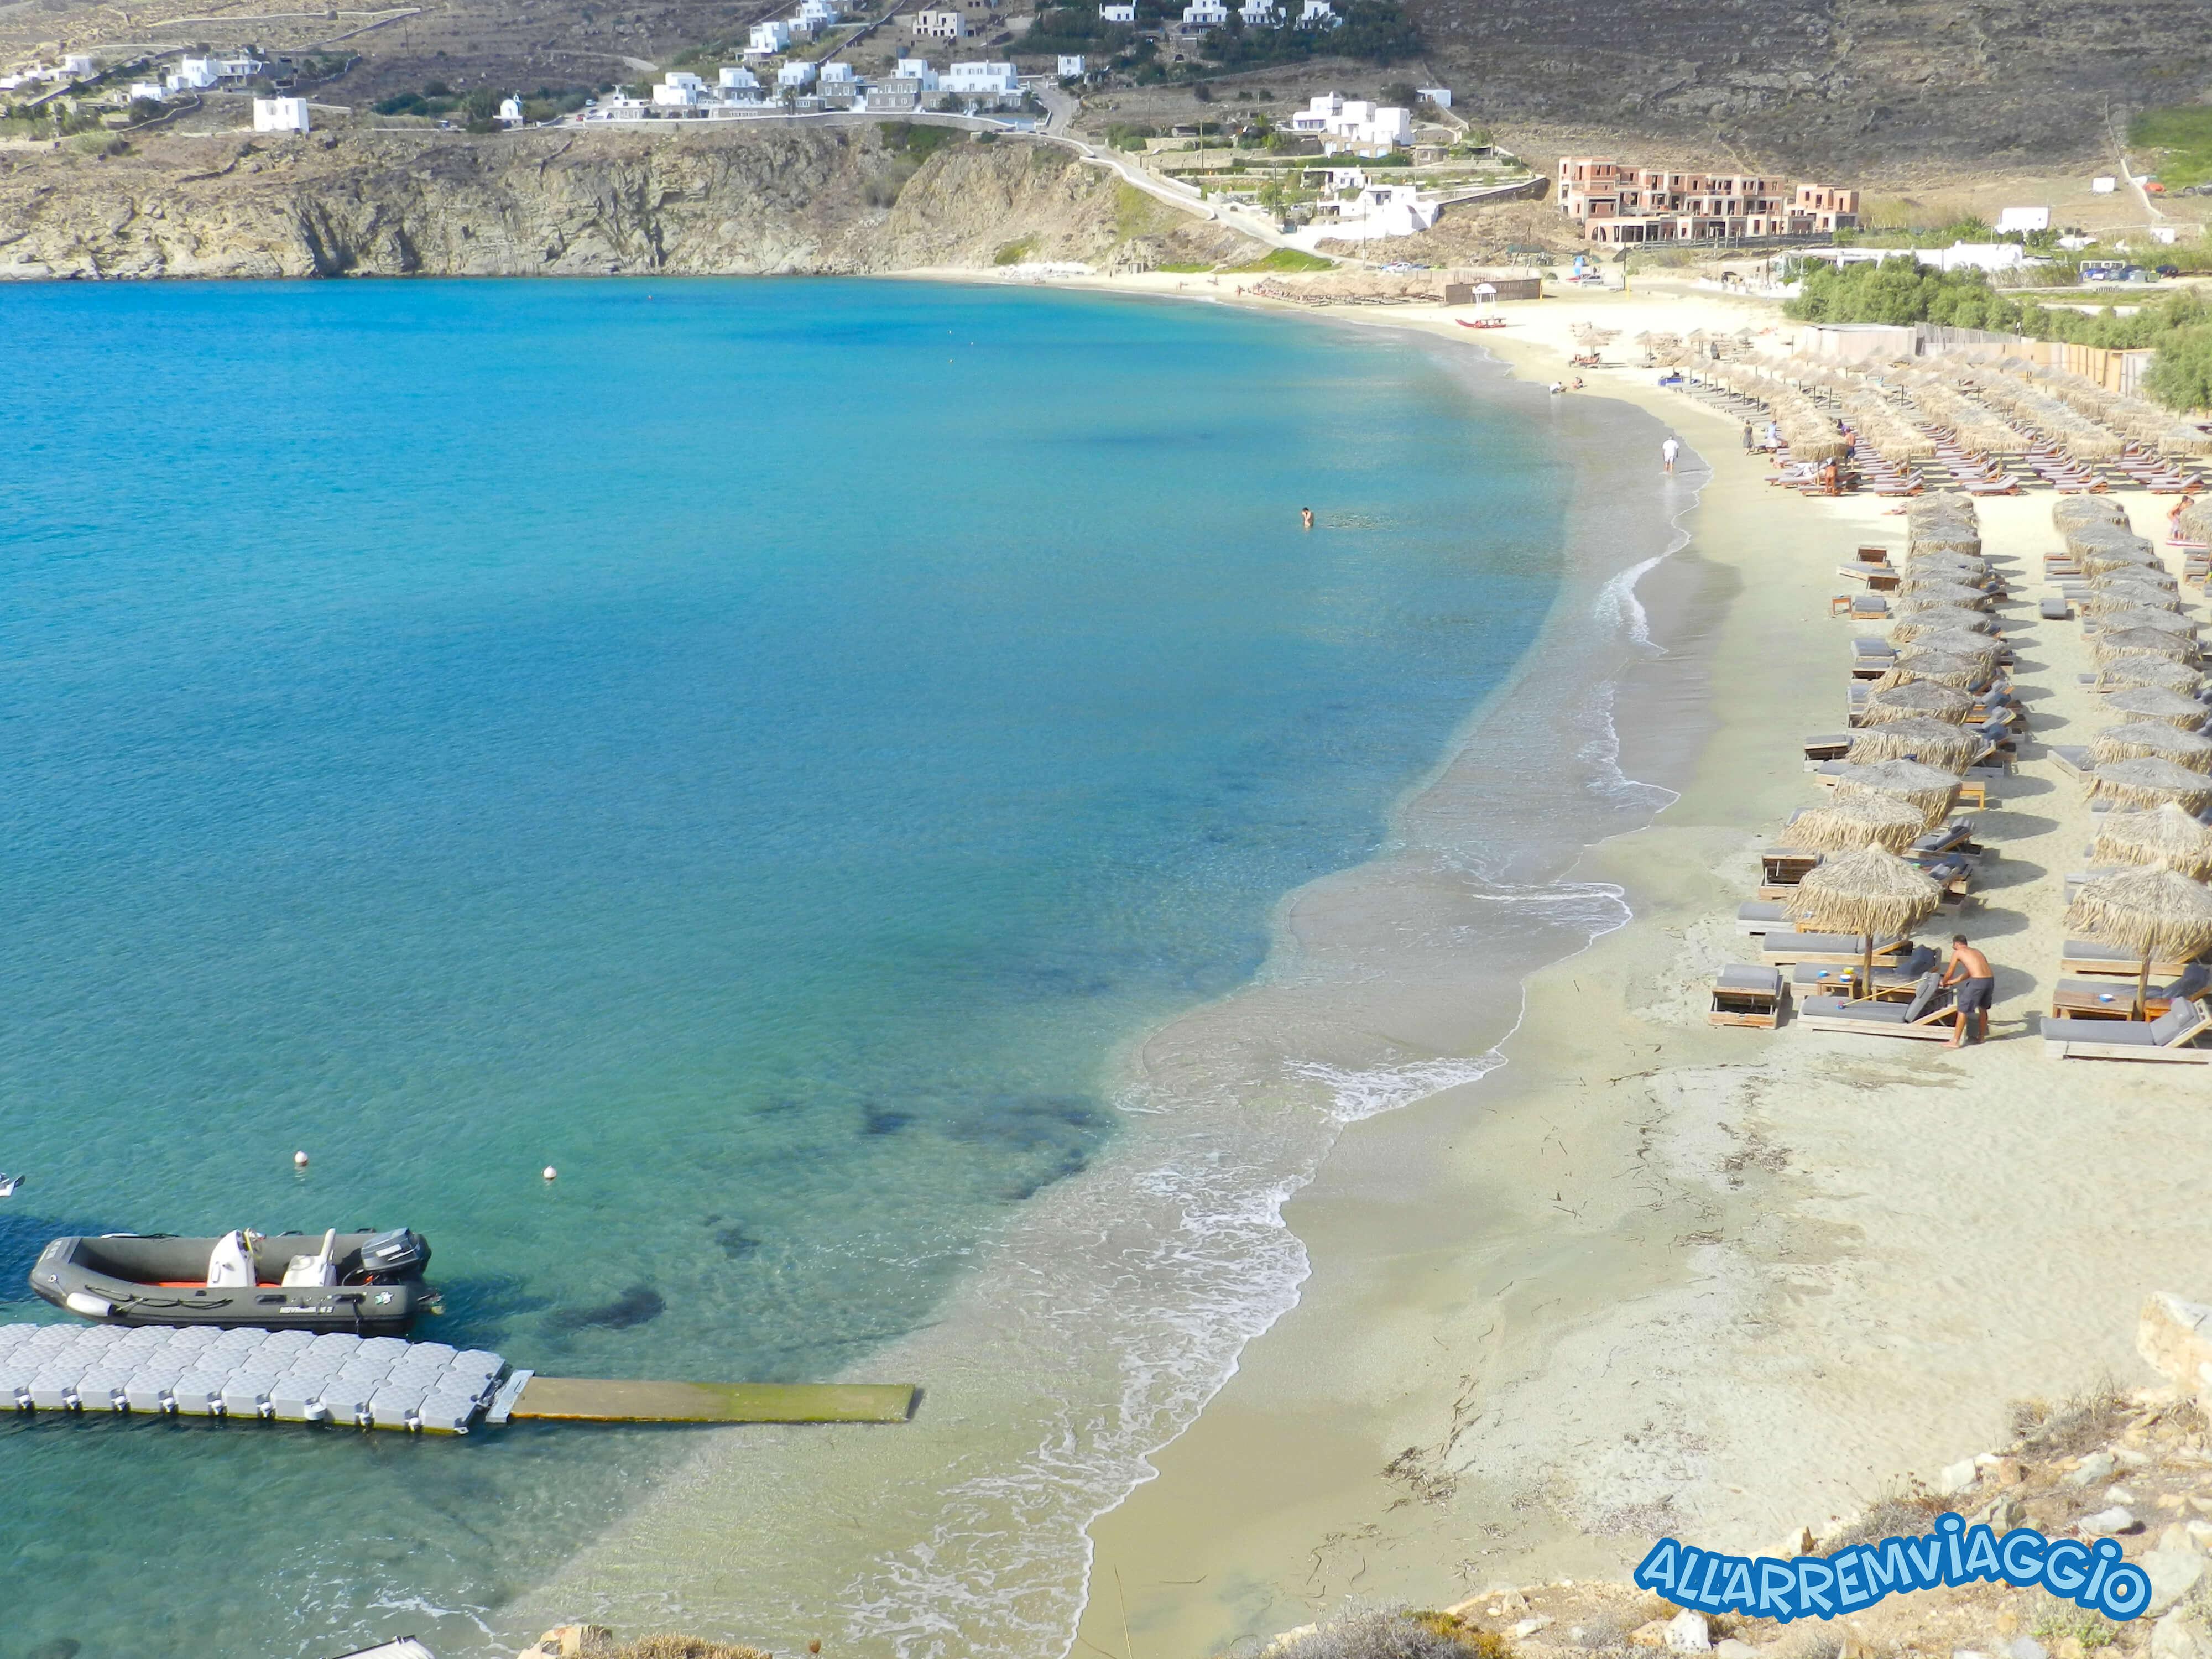 spiagge, imperdibili, mykonos, cicladi, grecia, mare, spiaggedasogno, Kalolivadi